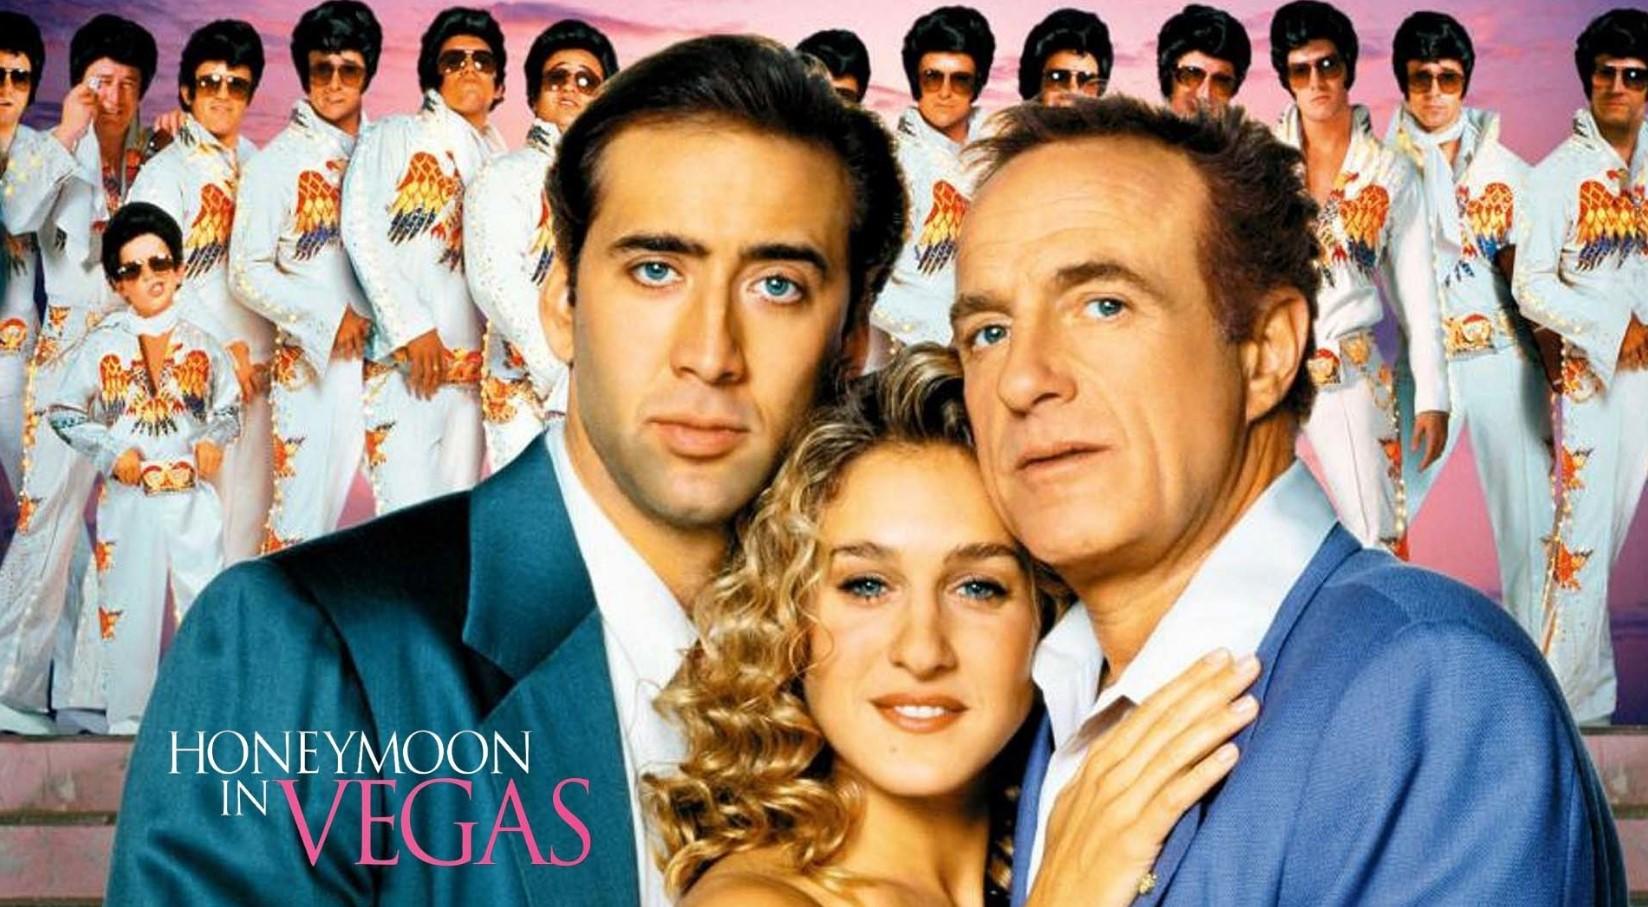 Медовий місяць в Лас-Вегасі (Honeymoon in Vegas)